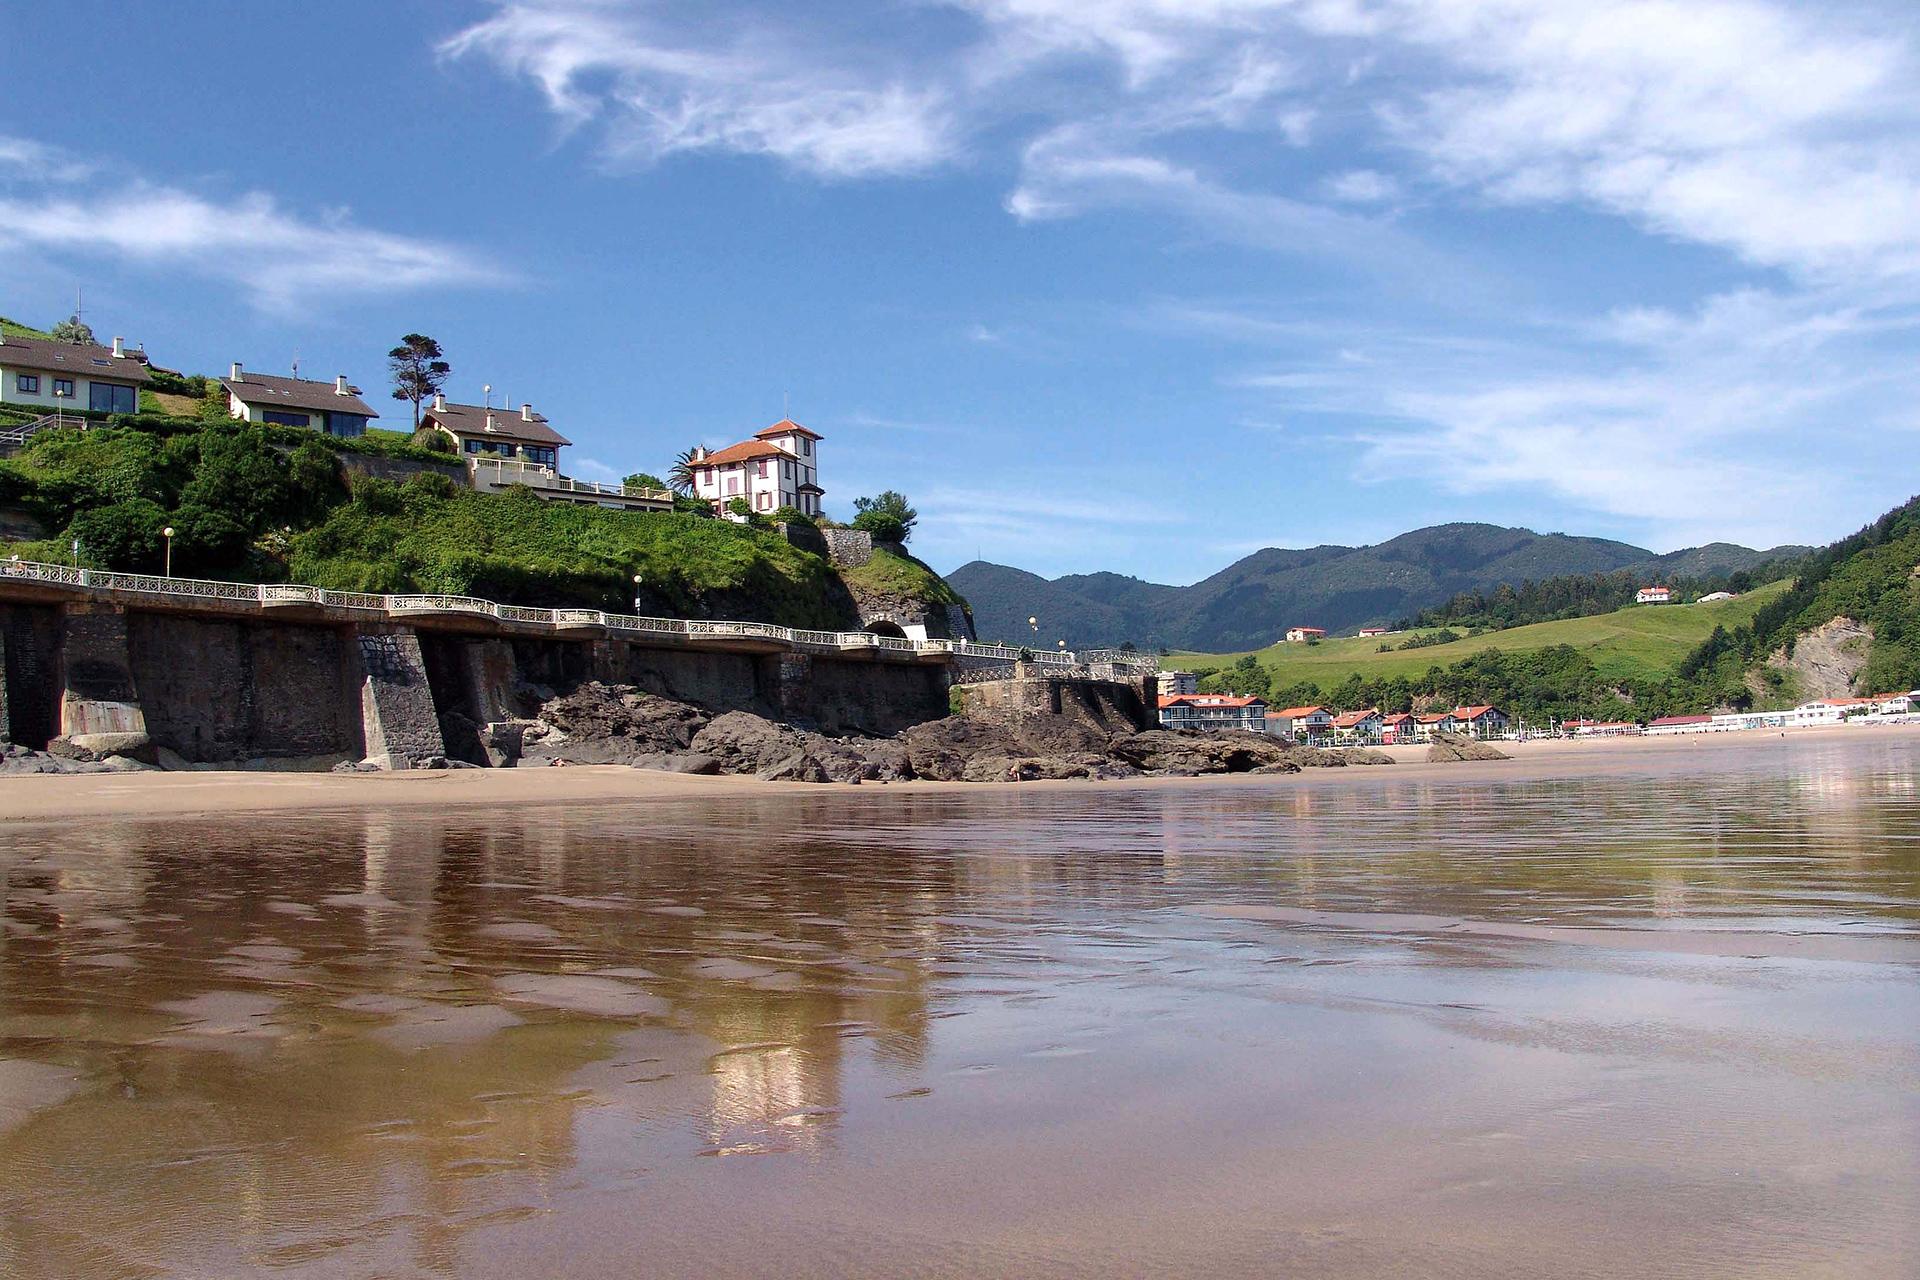 Playa de Deba, Pensión Zumardi Pentsioa, Deba (Gipuzkoa)